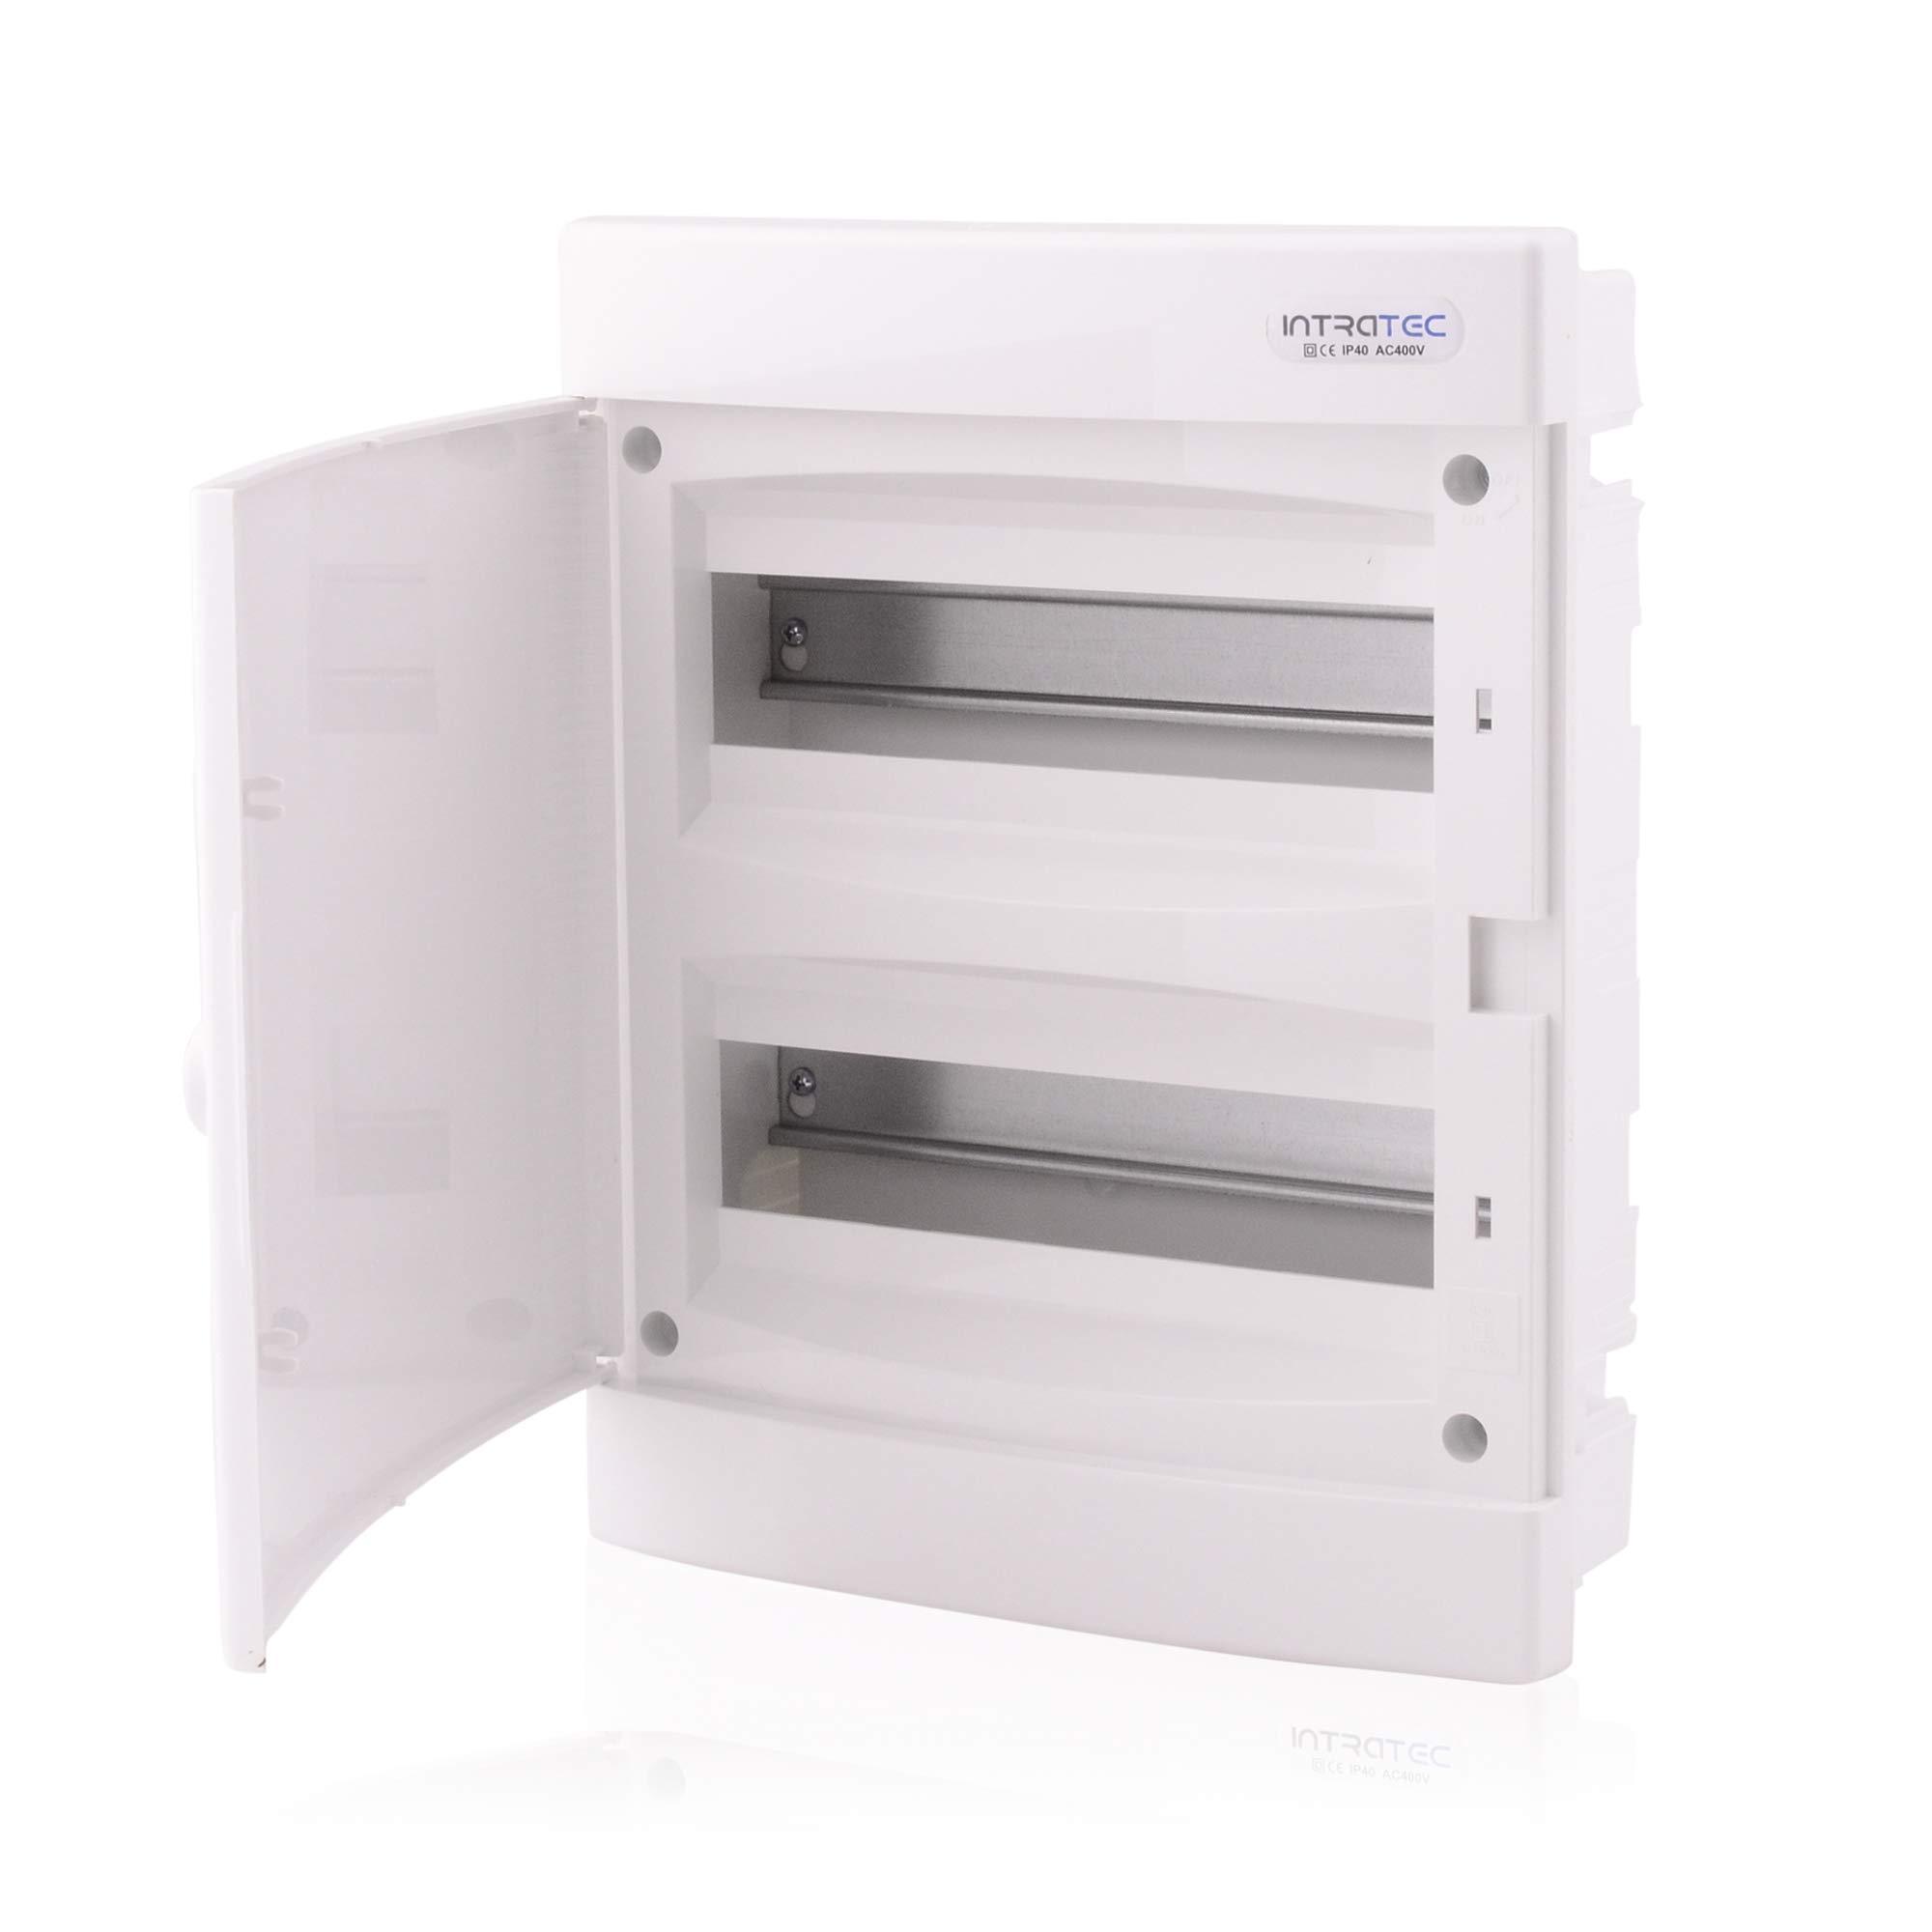 Caja de fusibles Caja del distribuidor IP40 empotrada 2 filas de hasta 24 módulos Puerta blanca para la instalación de la habitación seca en la casa: Amazon.es: Bricolaje y herramientas